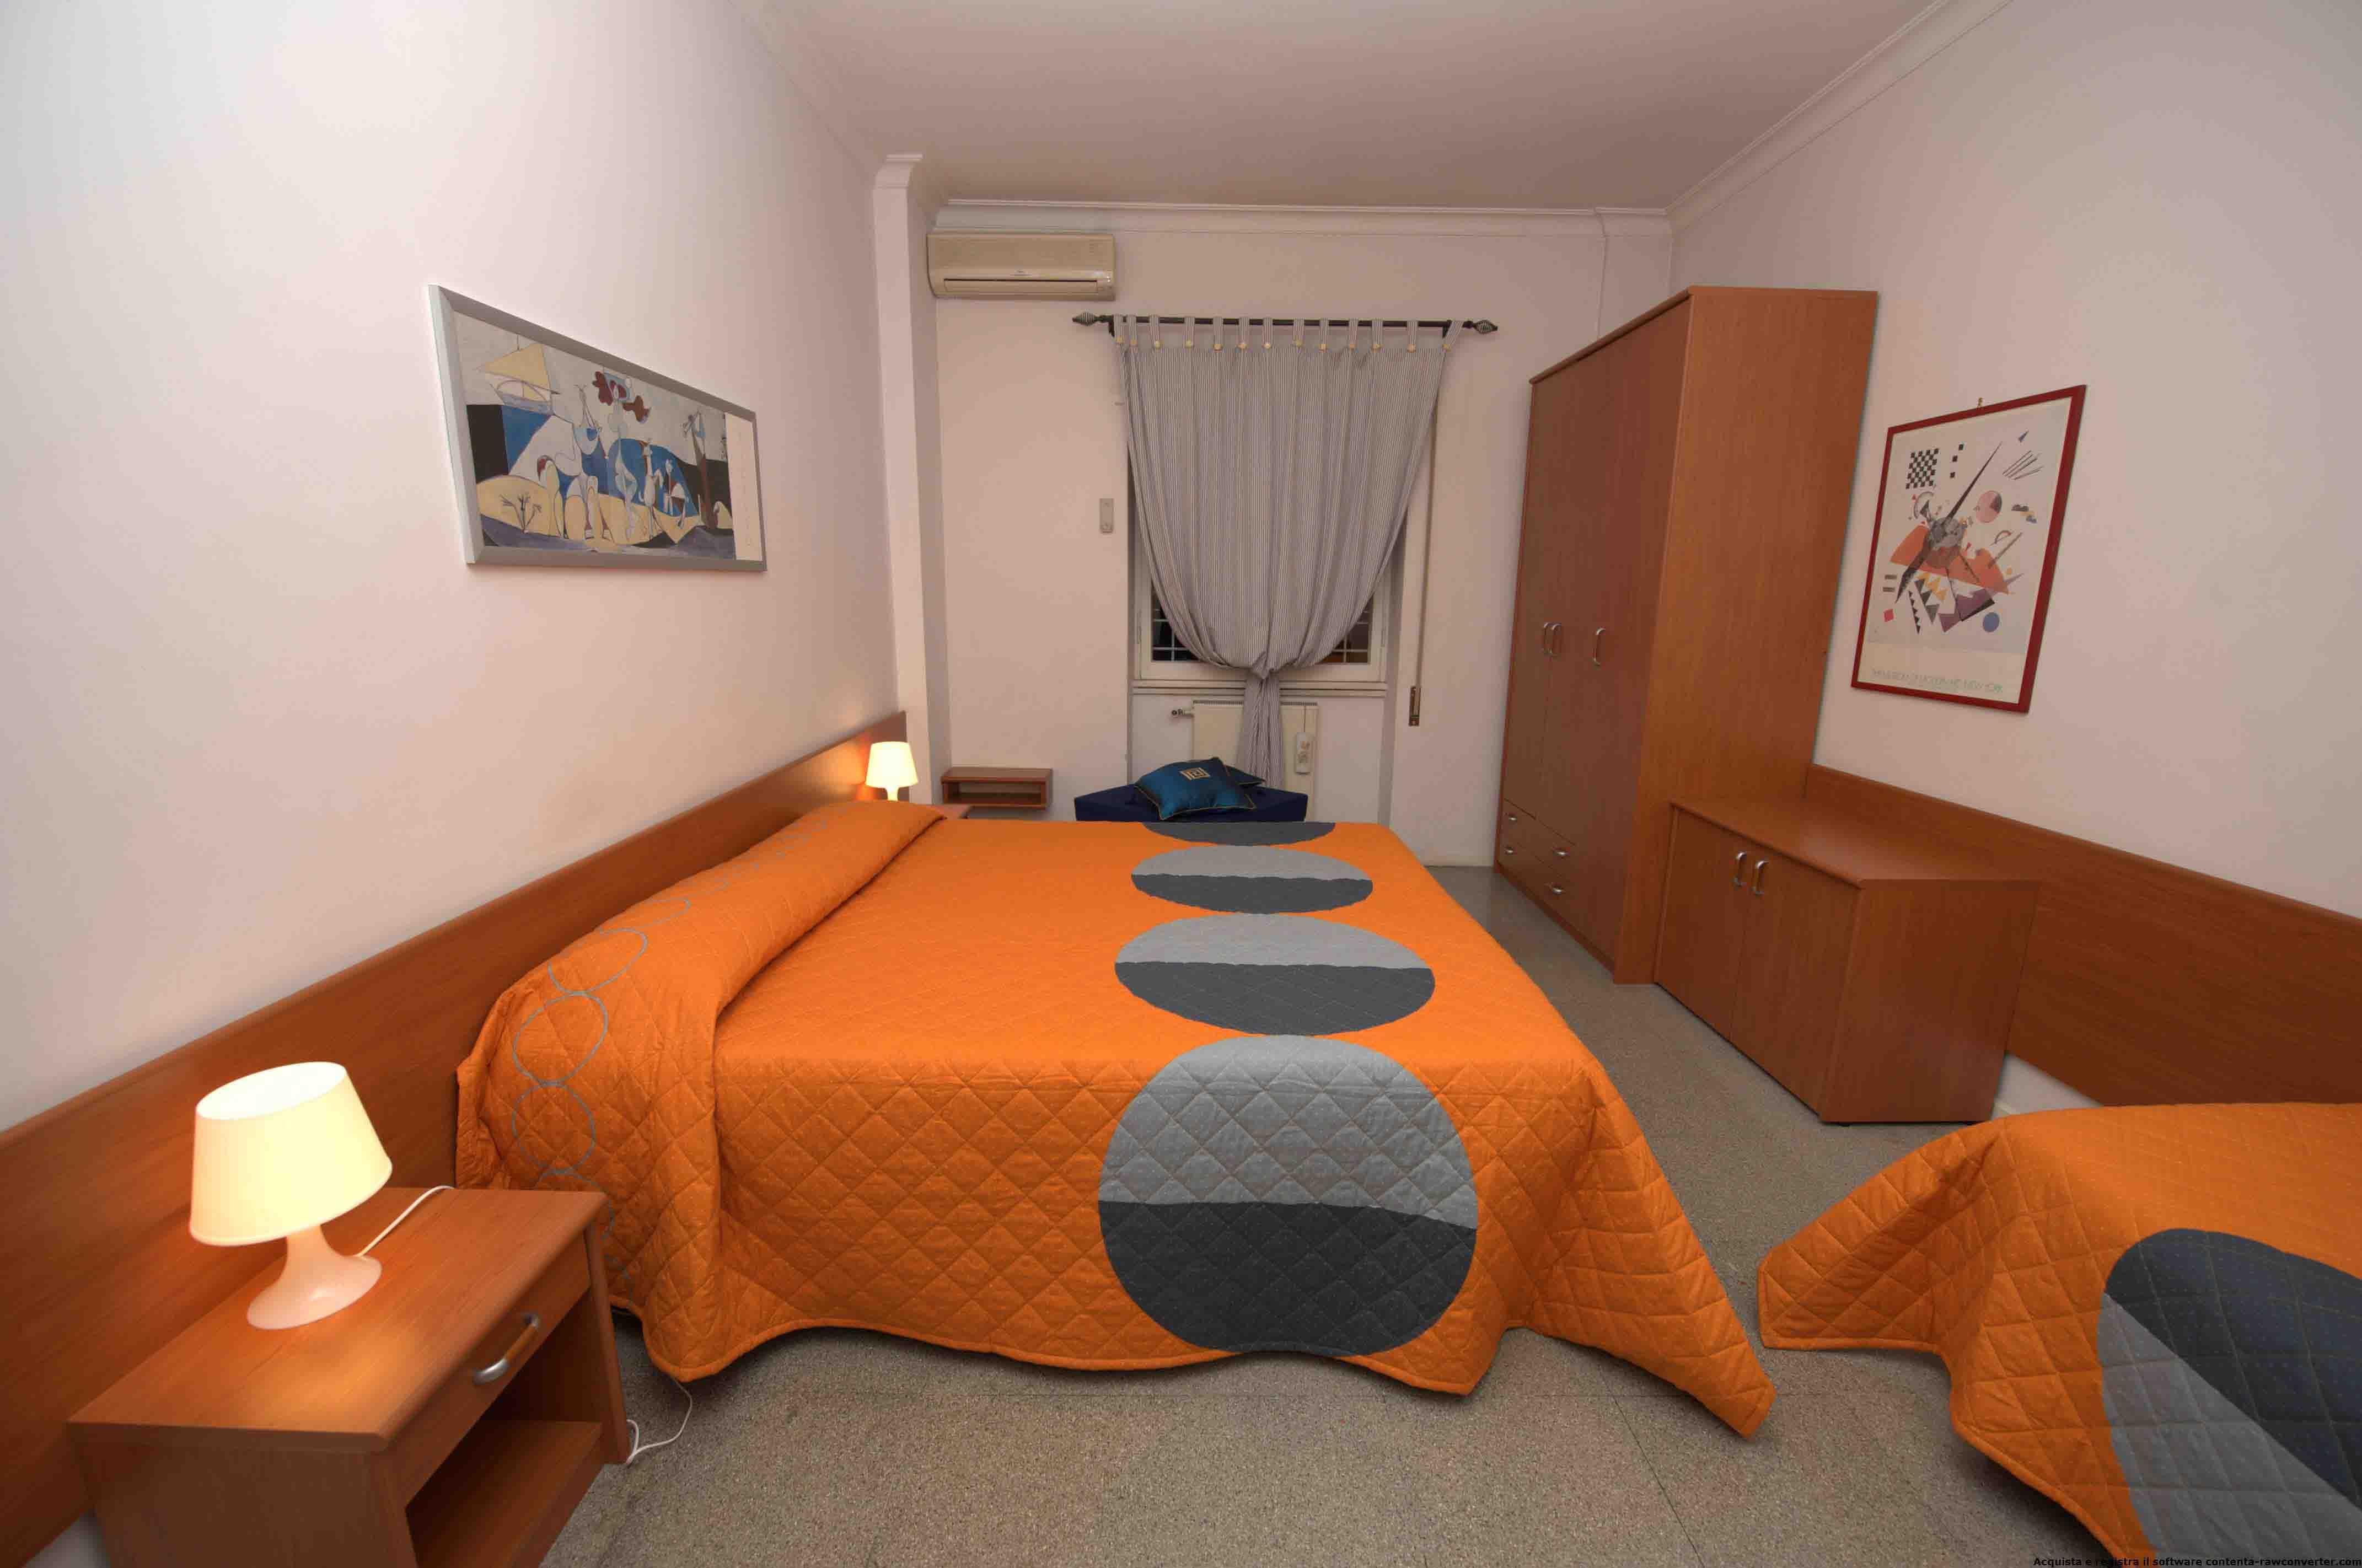 affitto appartamento citta roma 41 (20110411210444-2011-25027-NDP.jpg)